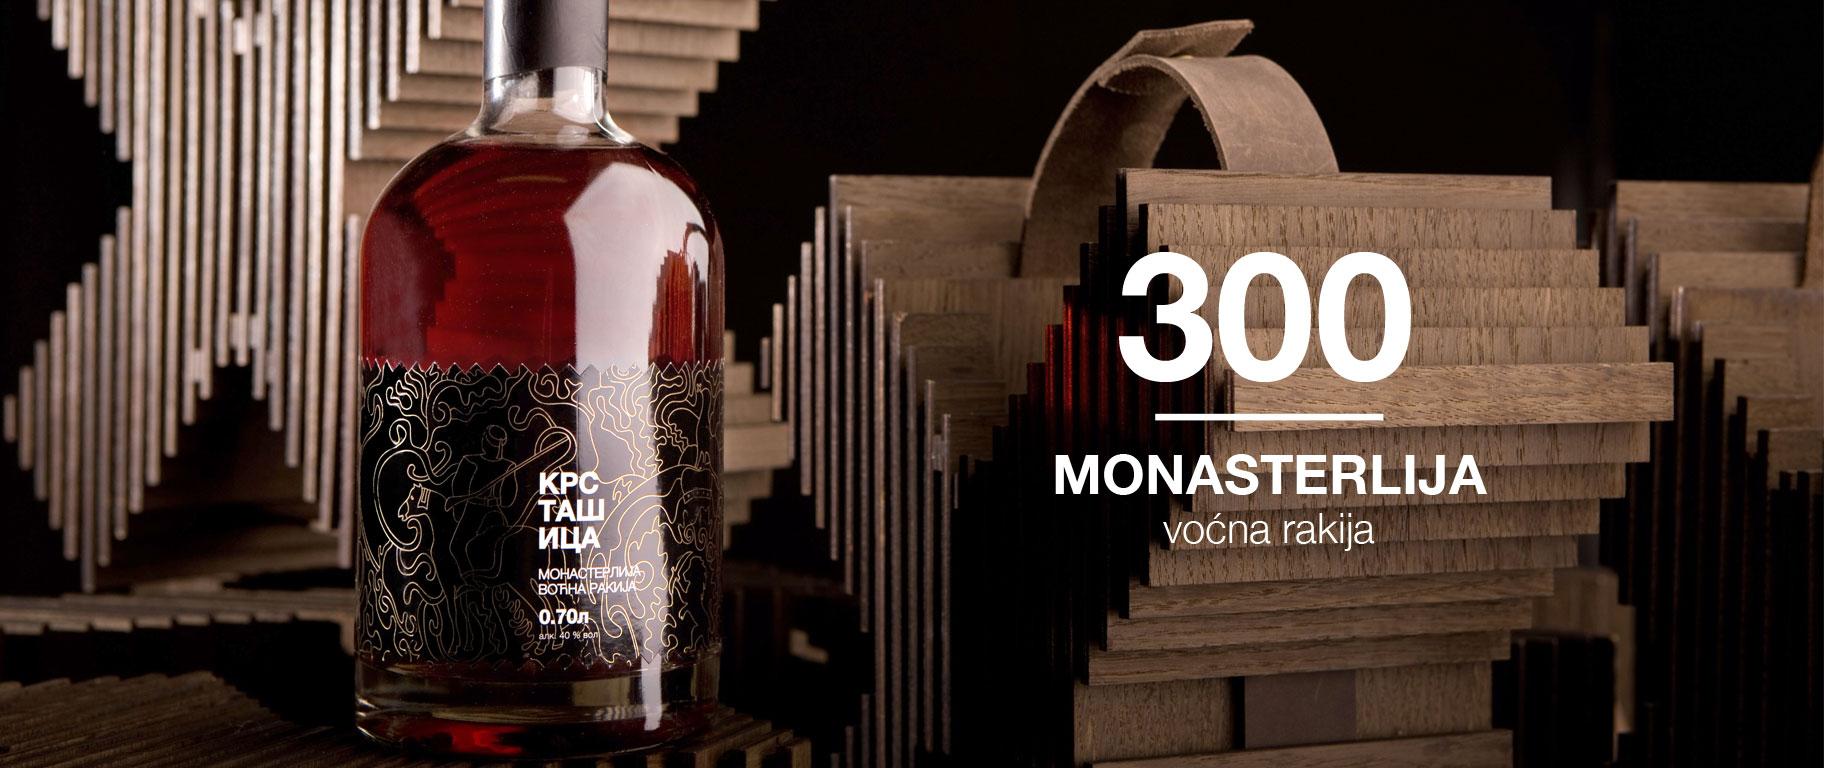 rakija-monasterlija-300_krstasica